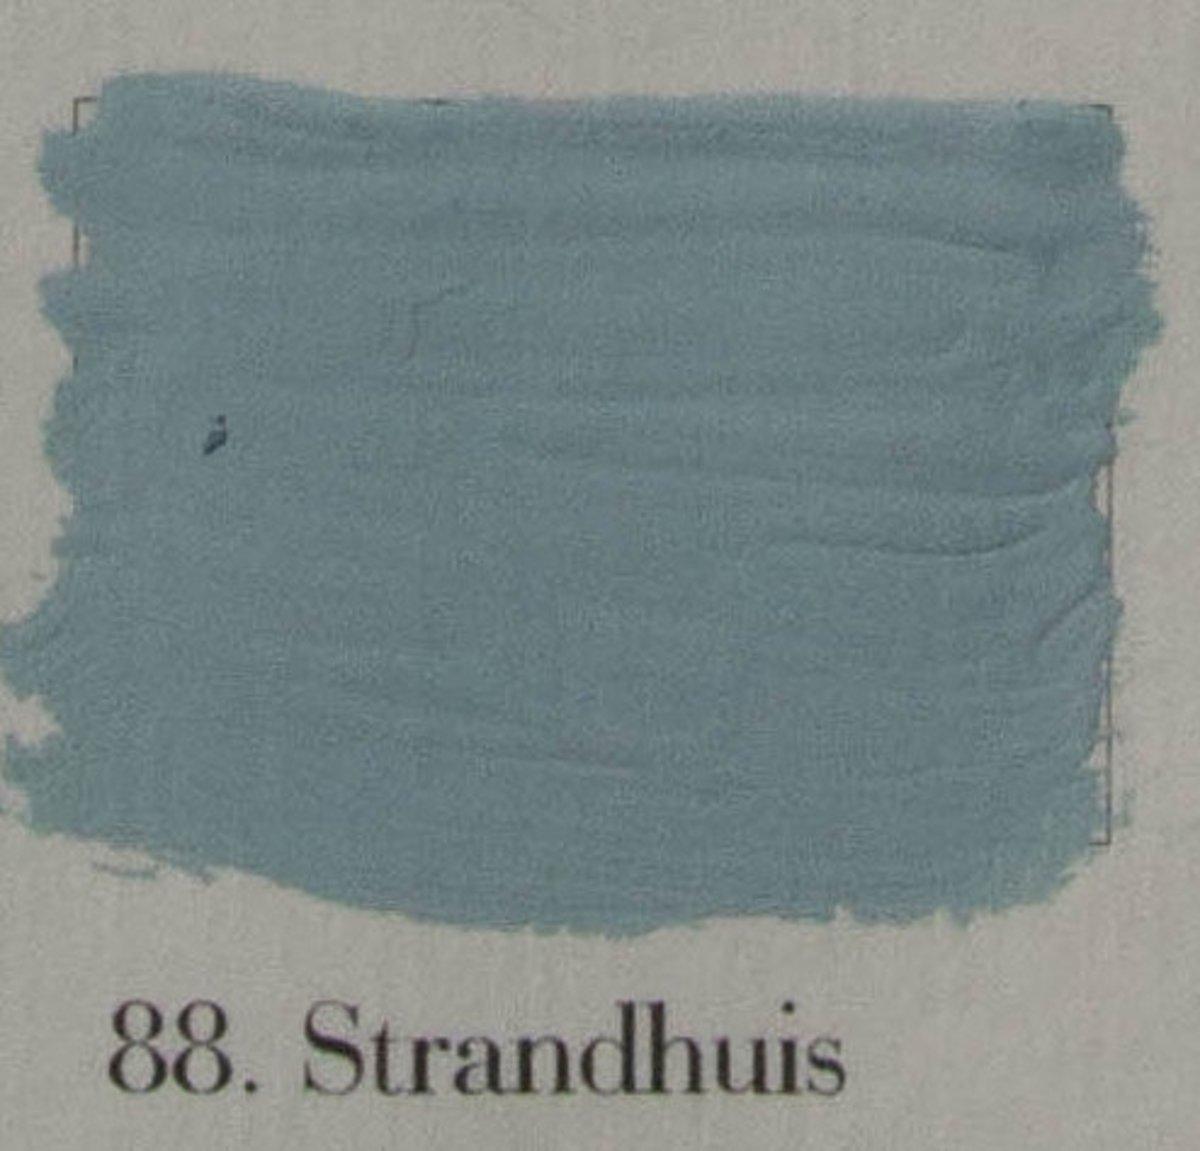 l'Authentique kleur 88- Strandhuis